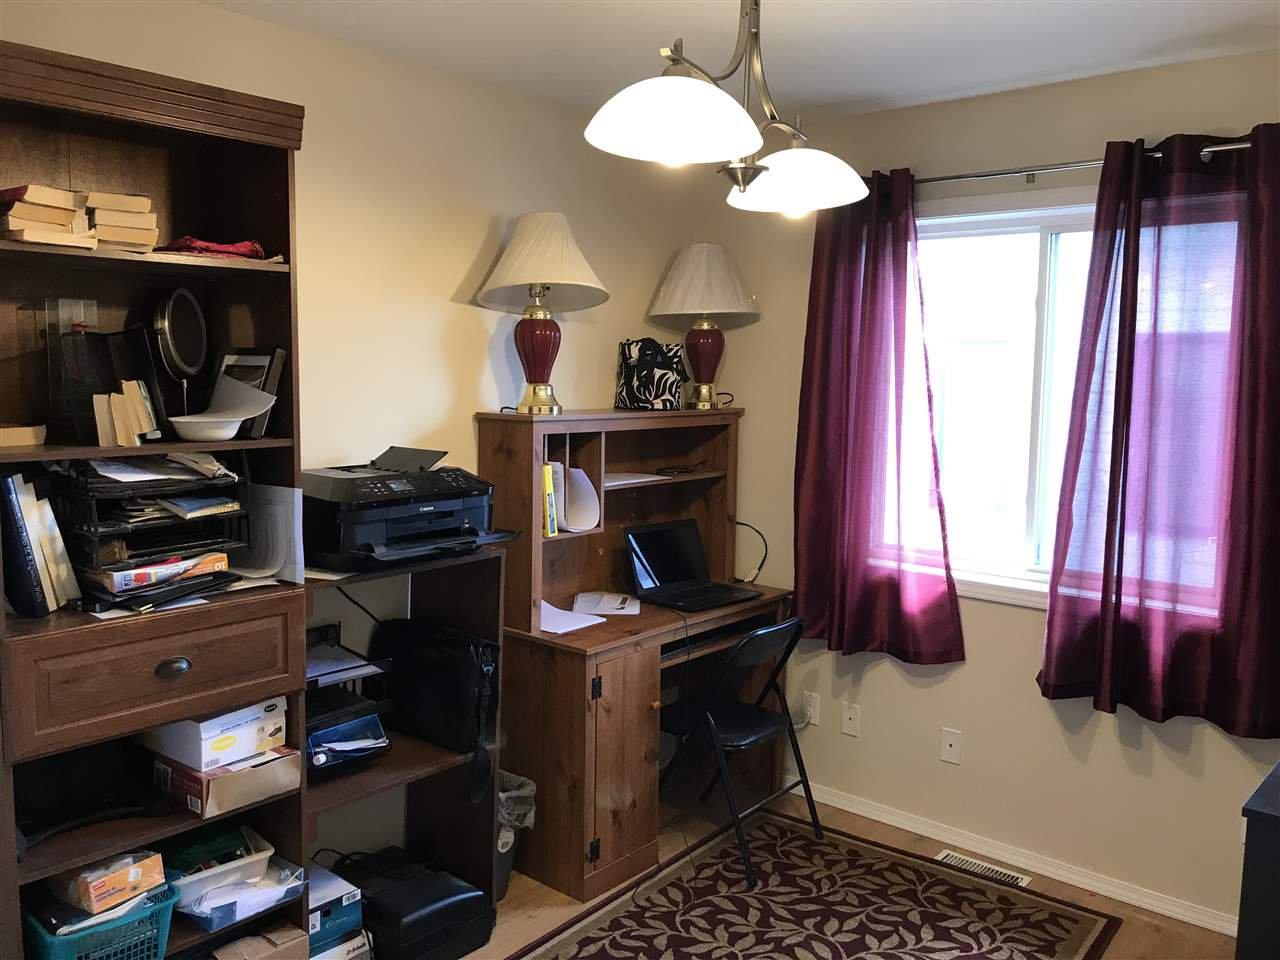 Photo 9: Photos: 10520 89 Street in Fort St. John: Fort St. John - City NE House for sale (Fort St. John (Zone 60))  : MLS®# R2362521